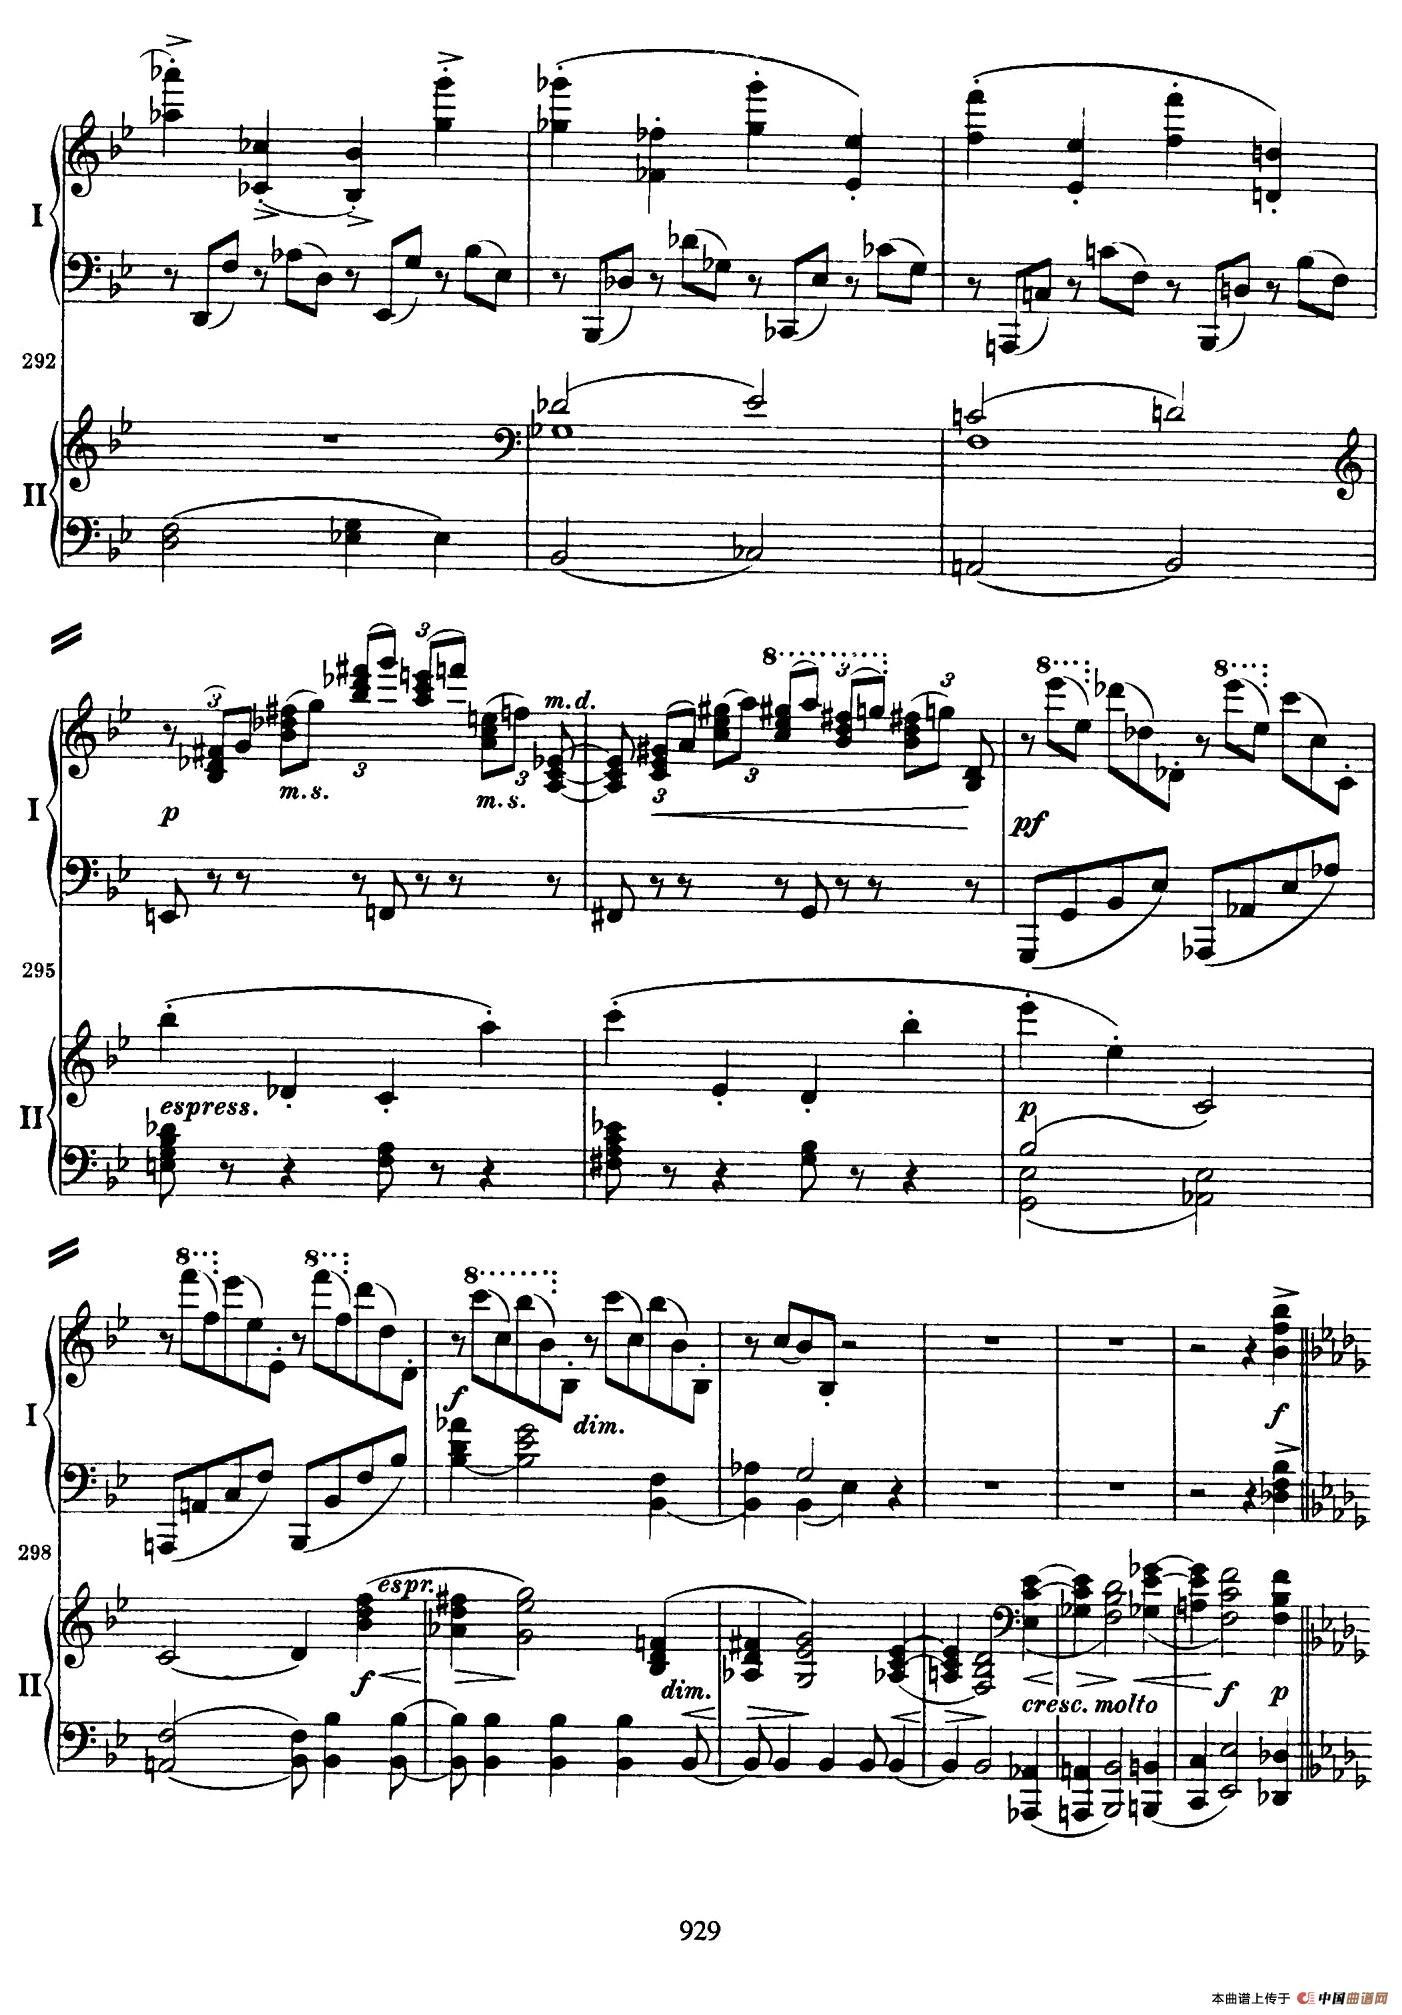 降B大调第二钢琴协奏曲 (P31――40)(1)_原文件名:031.jpg